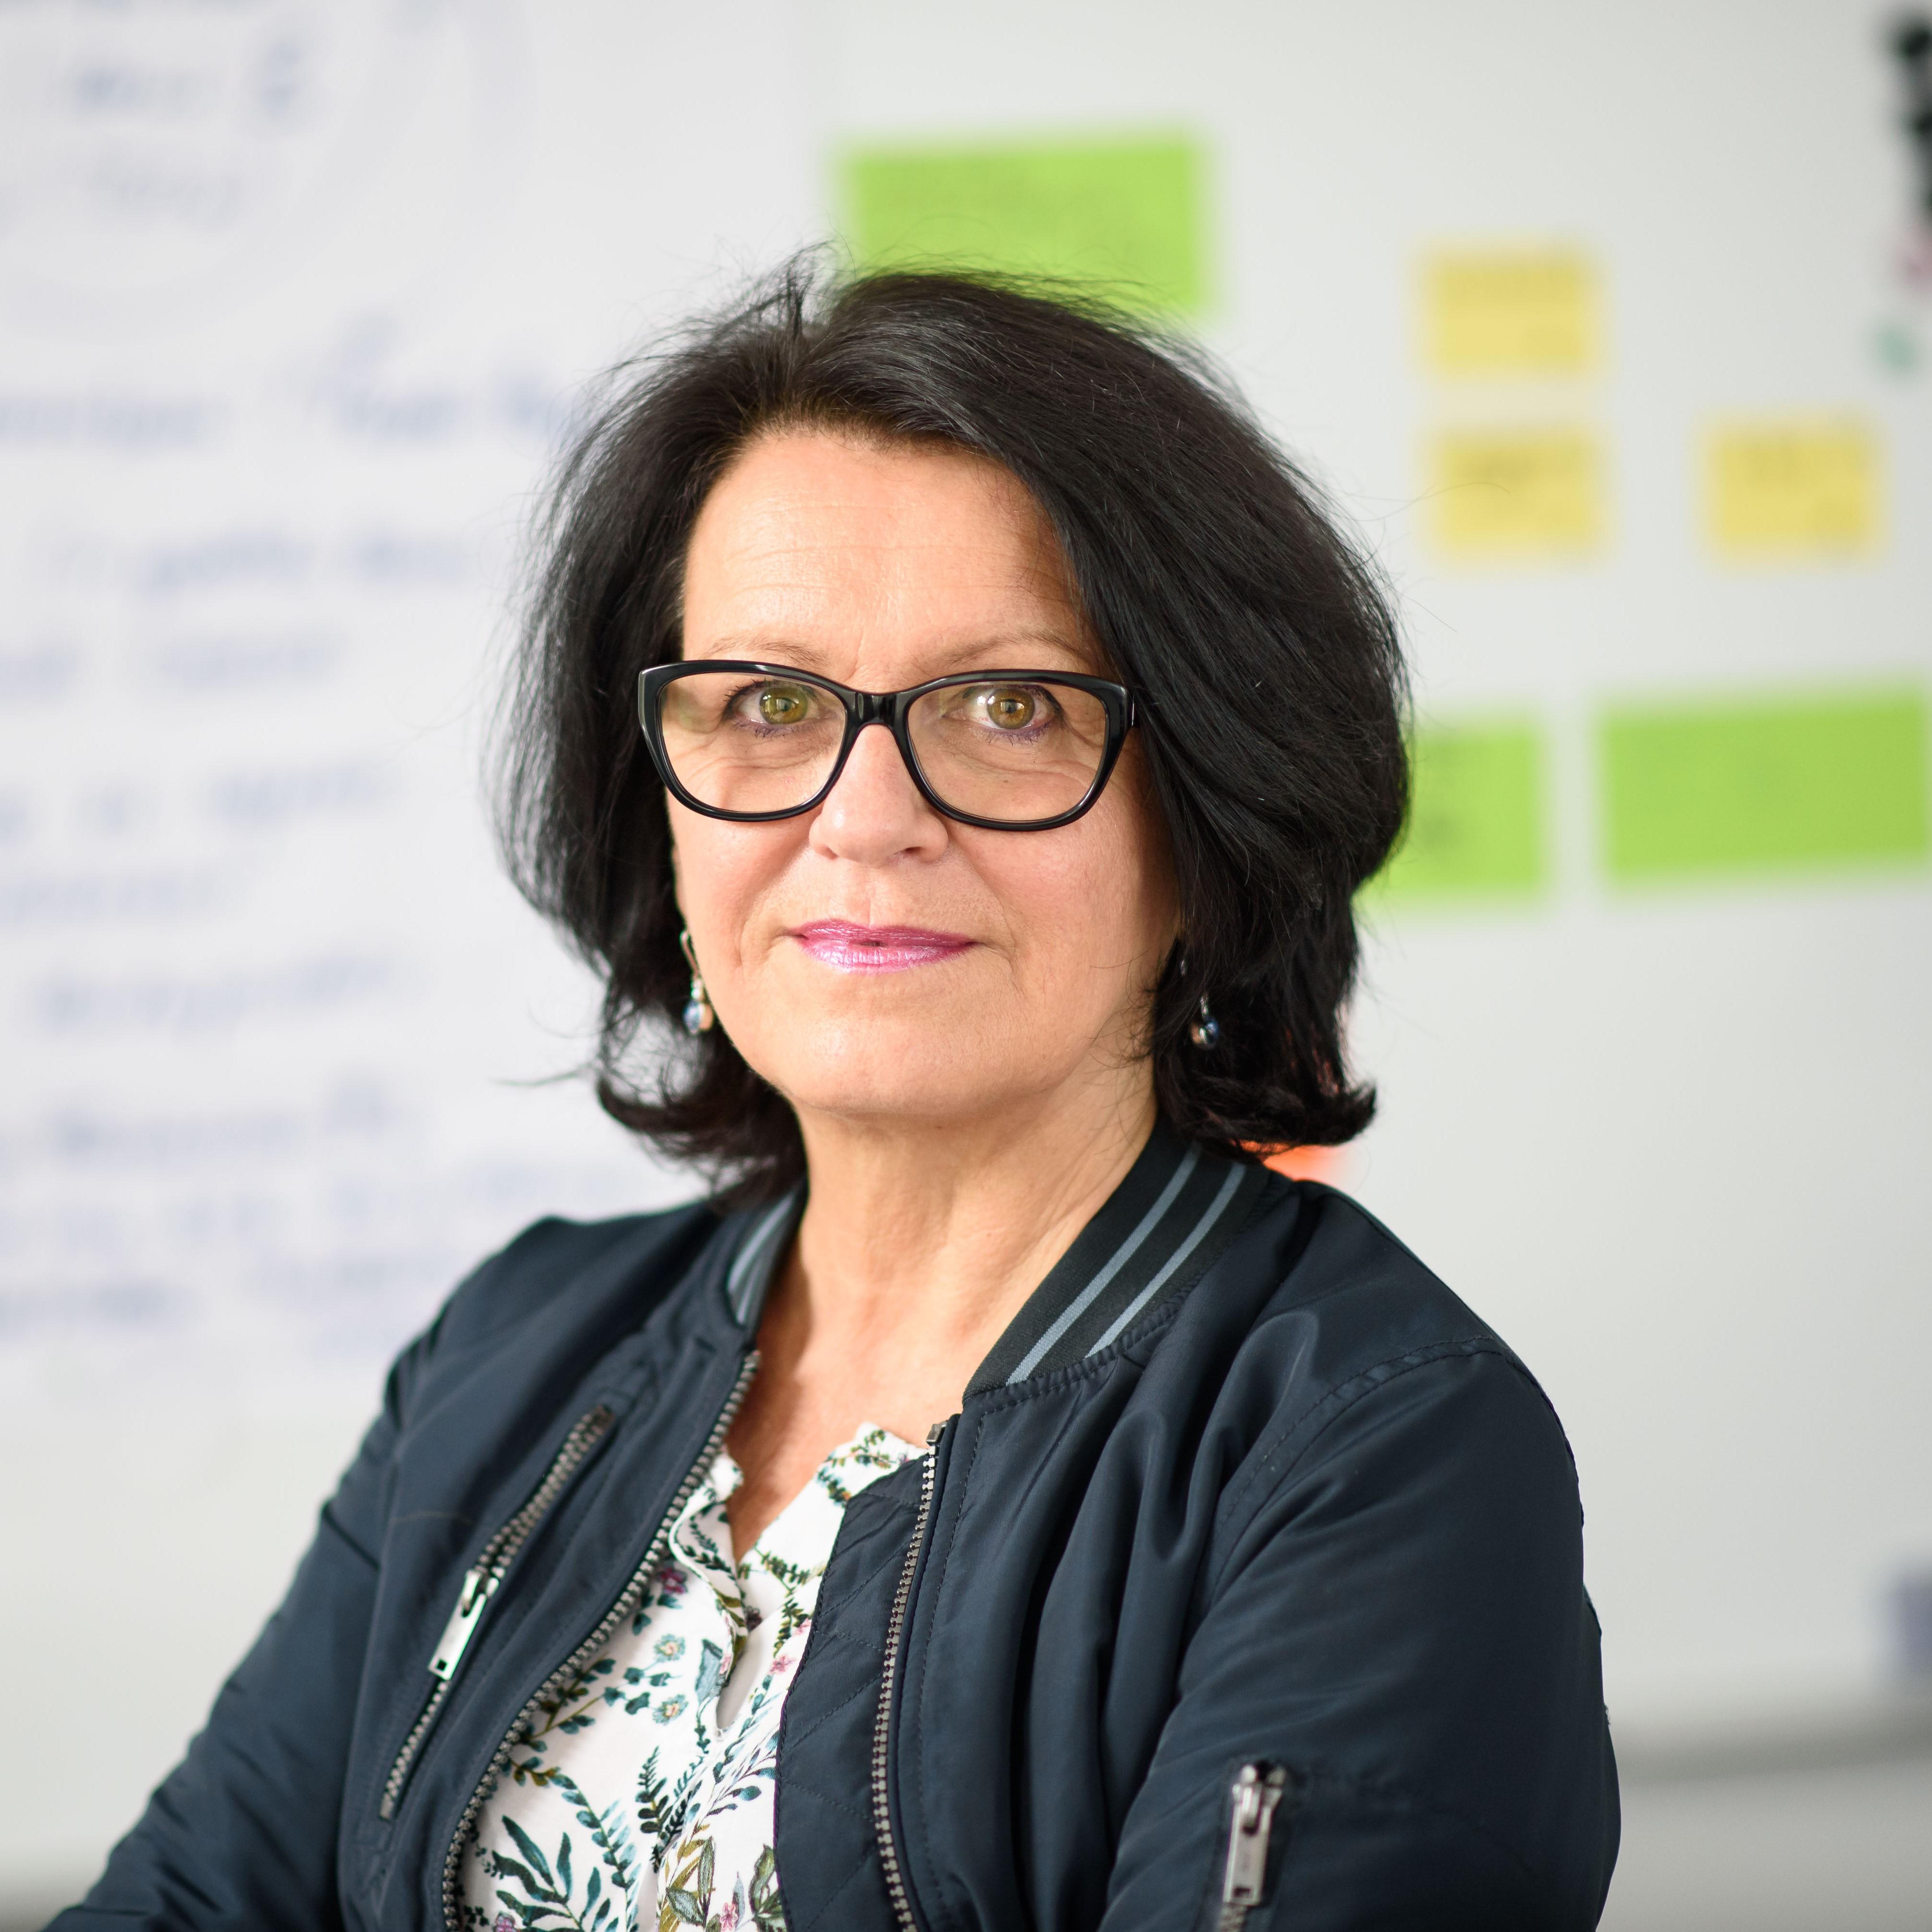 Susanne Soumelidis